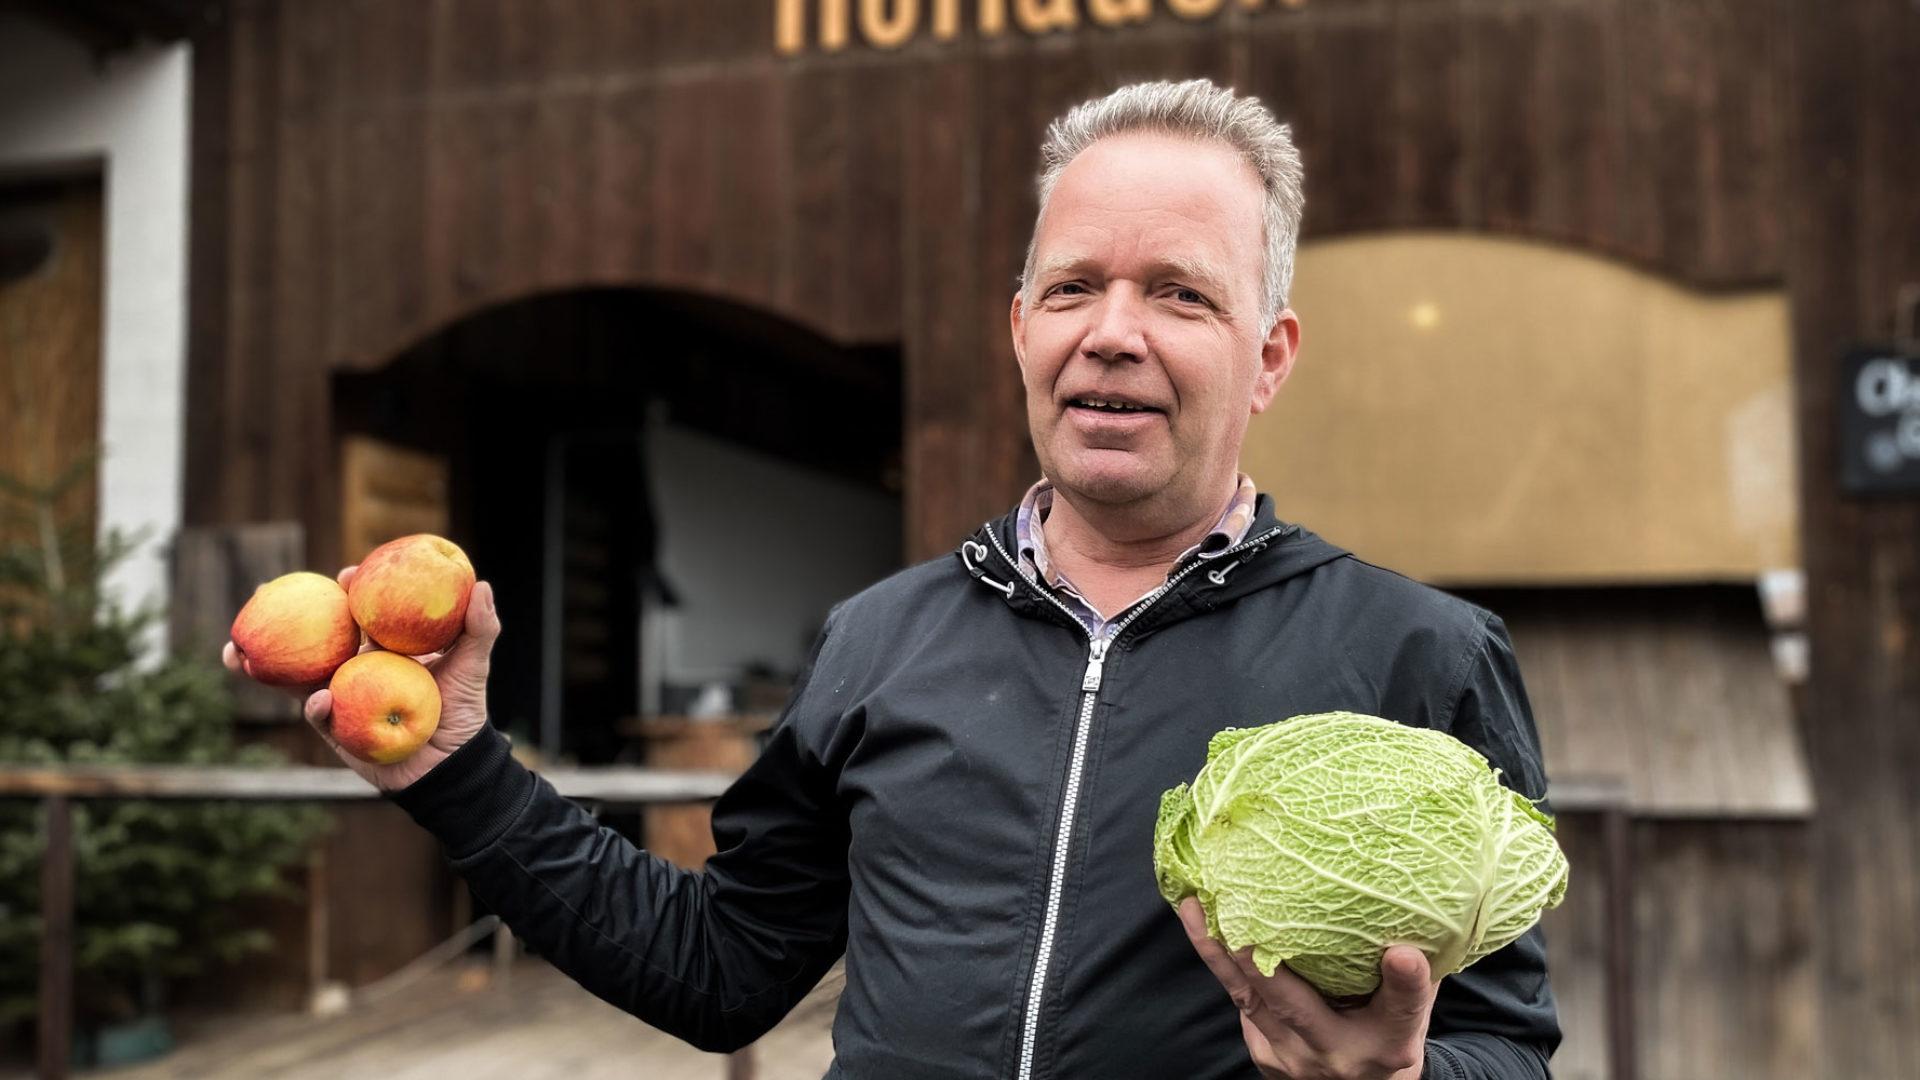 Hofladenleiter mit Gemüse im Arm